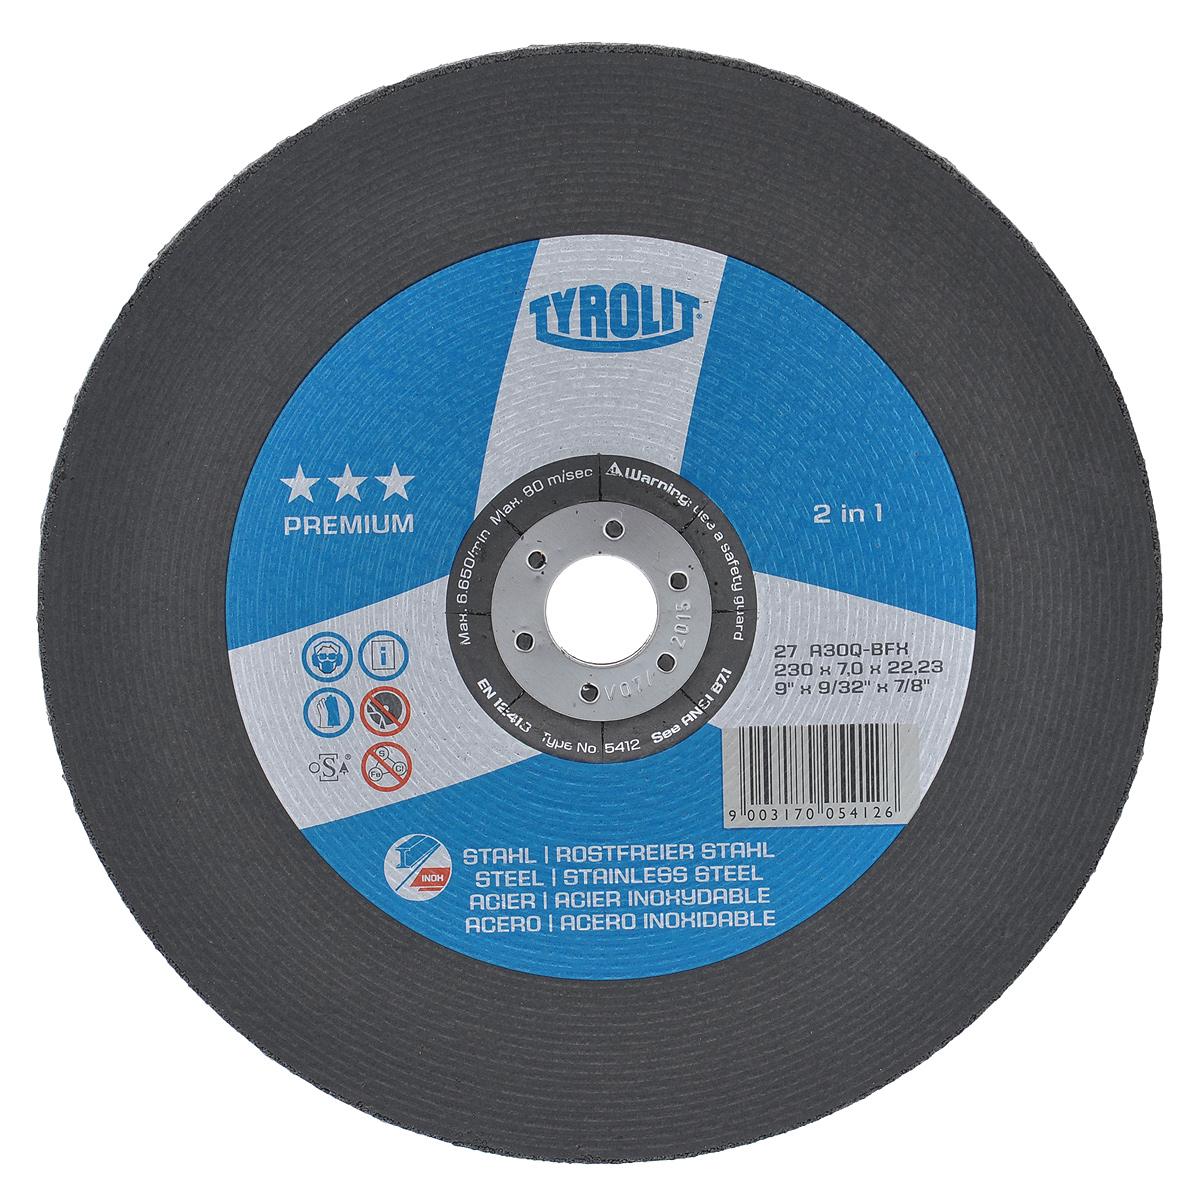 Диск абразивный зачистной Tyrolit Premium 2 in 1, 230 мм х 7 мм х 22,23 мм. 54125412Диск абразивный зачистной Tyrolit Premium 2 in 1 - высокопроизводительный круг для грубой зачистки, созданный специально для обработки стали и Inox, для быстрой и удобной работы. Особенности диска: Максимальная мощность 80 м/с. Связка из синтетической смолы. Армирование волокнистыми материалами. Высокая отрезная способность и низкий уровень вибрации. Высокая безопасность продукта. Запатентованная конструкция шлифовальных дисков. Угол шлифования в 20-30°.